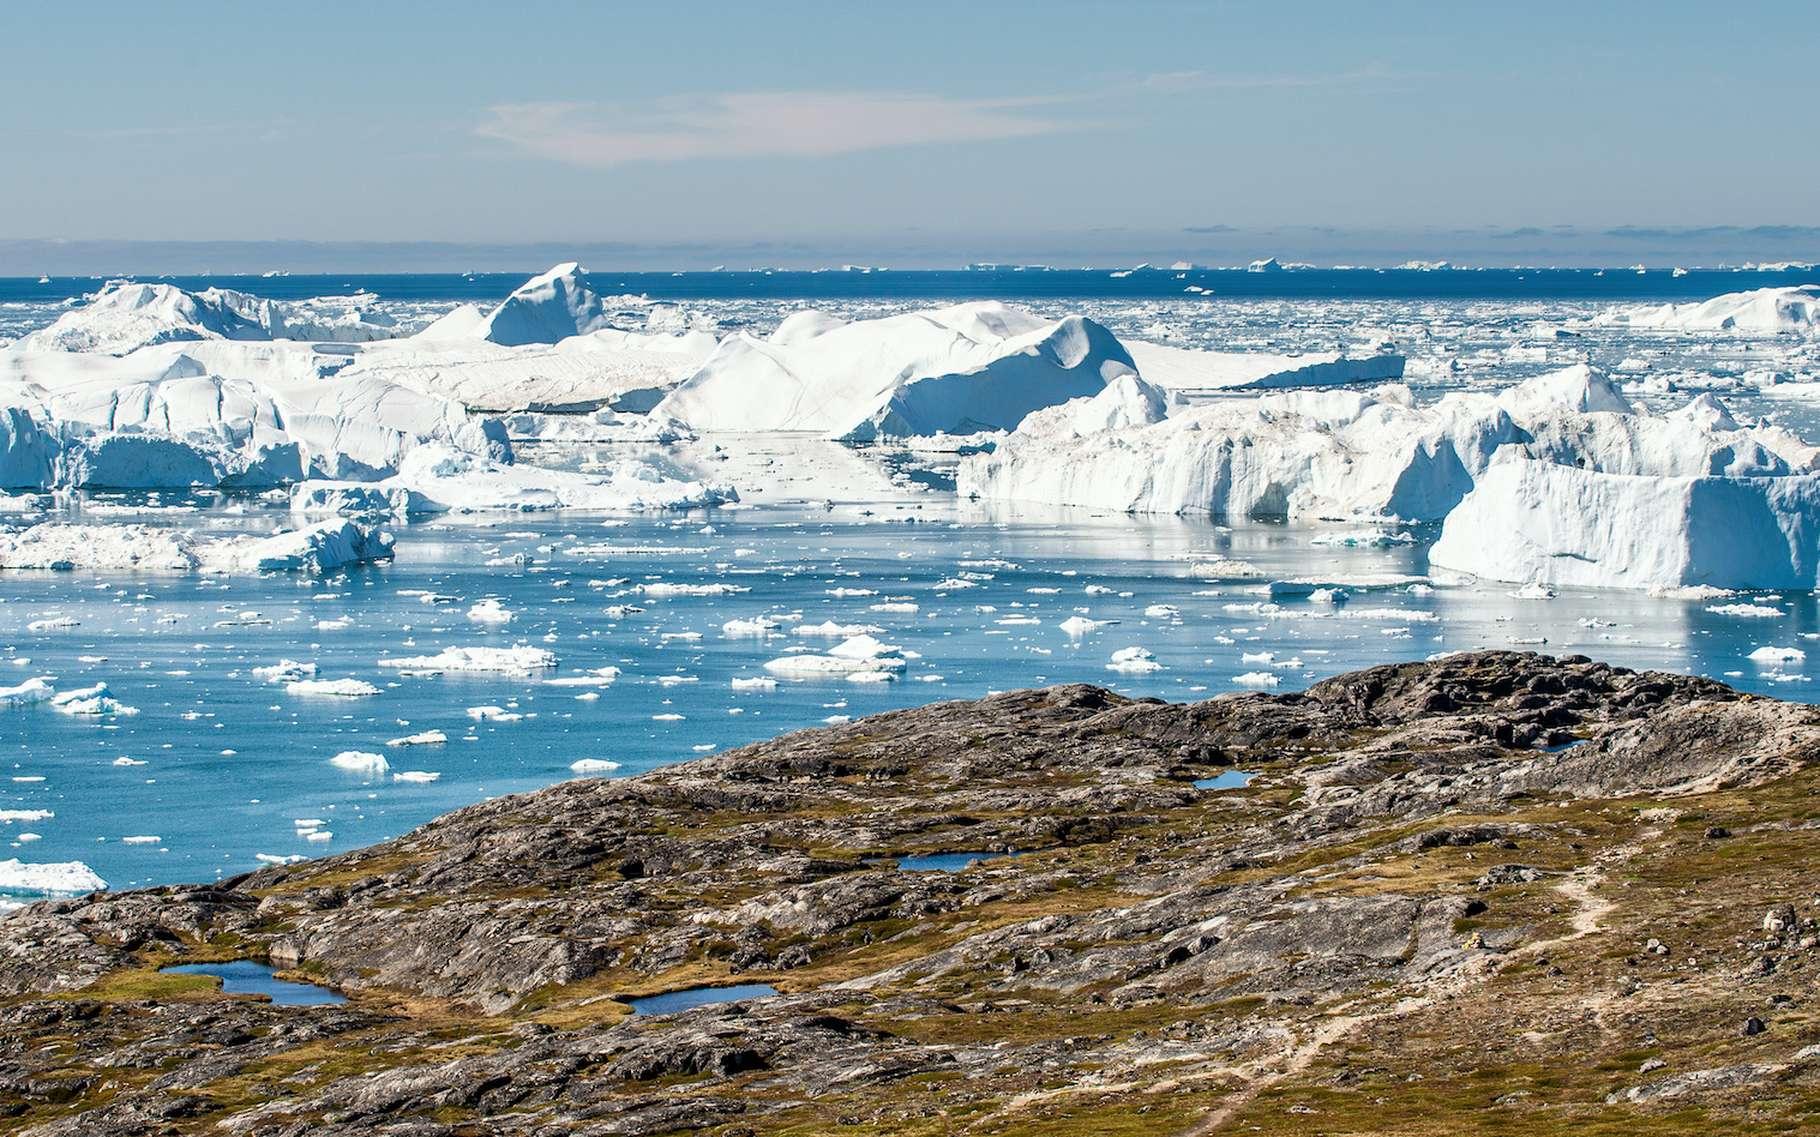 Jakobshavn, Kangerlussuaq et Helheim, ce sont les noms des trois plus grands glaciers du Groenland. Selon des chercheurs de l'université technique du Danemark, ils fondent beaucoup plus vite que les modèles le prévoient. © Uryadnikov Sergey, Adobe Stock